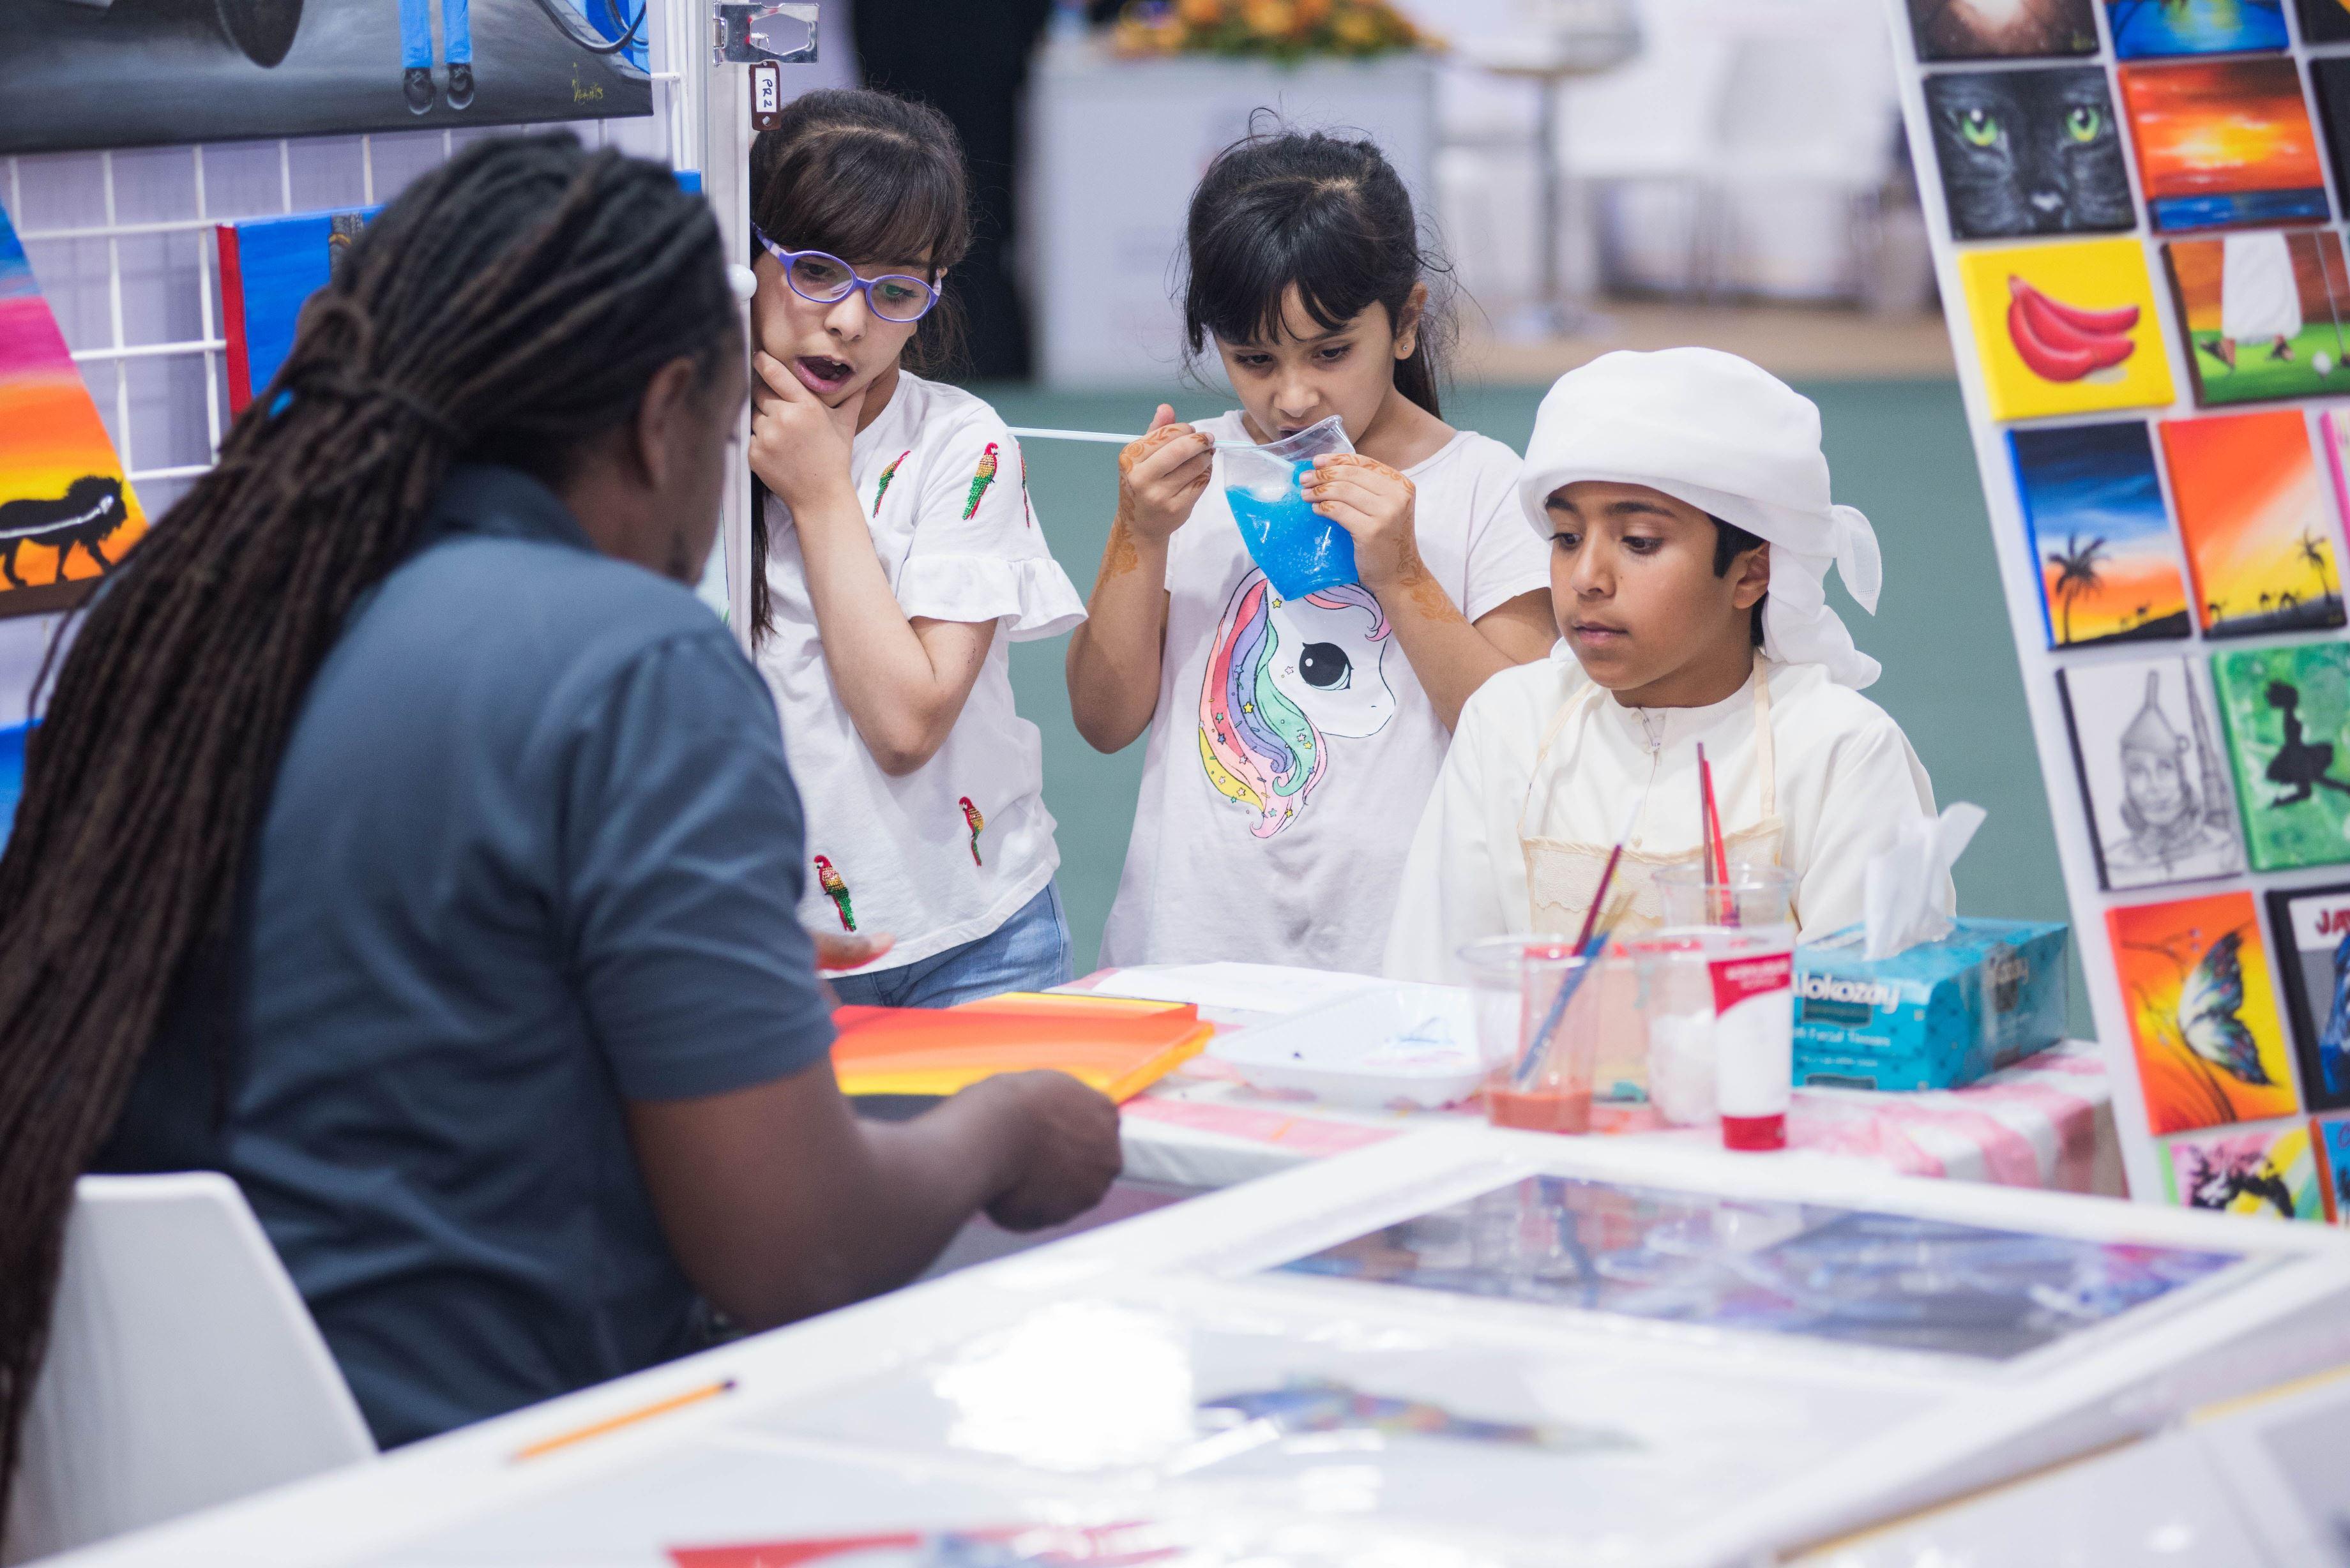 معرض الظفرة للكتاب يعزز ثقافة القراءة والمعرفة